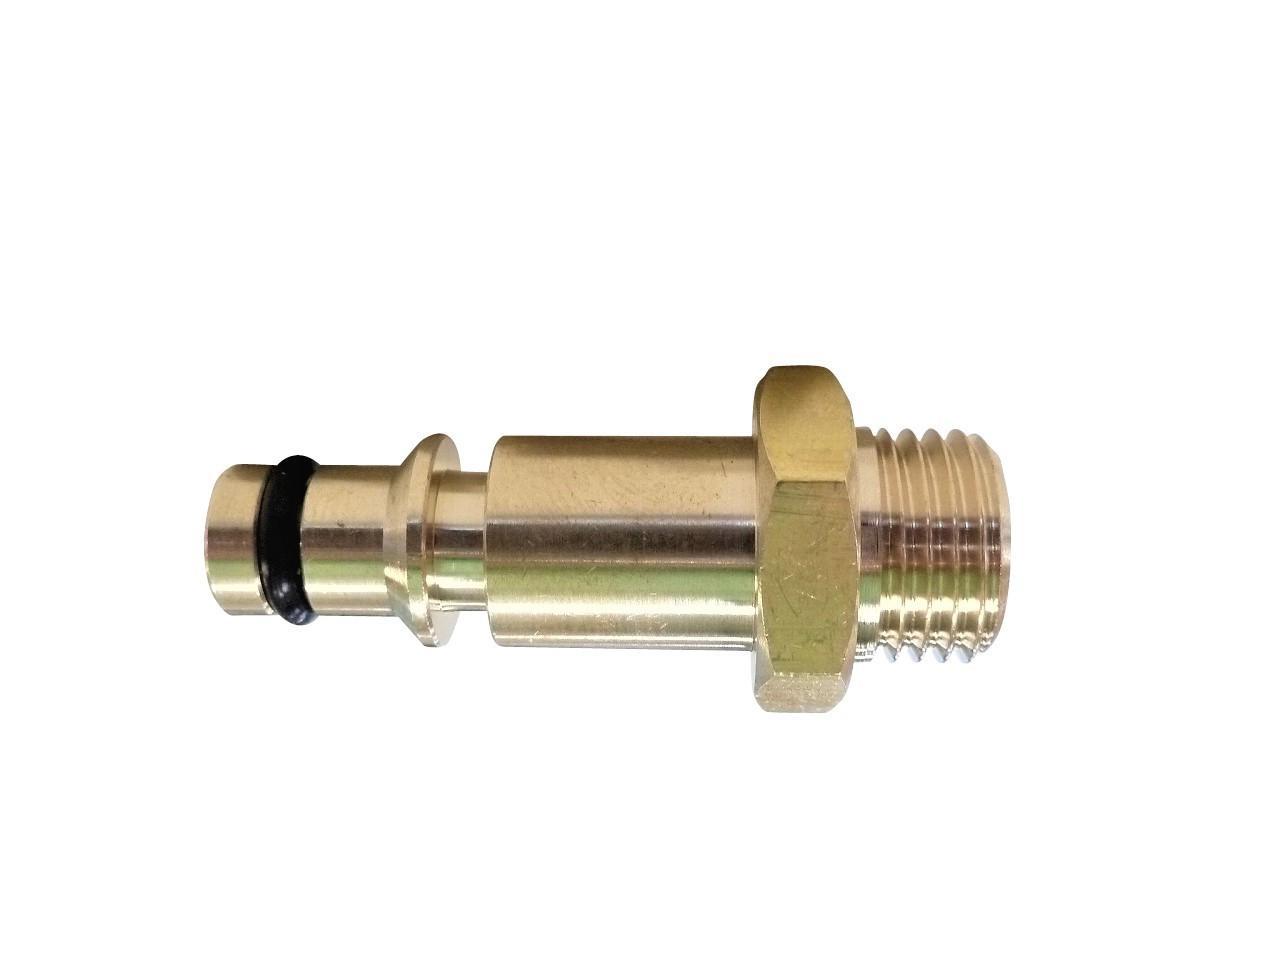 日立コードレス高圧洗浄機 用 AW14DB/AW18DBL 用高圧ホース(内径5mm)×4m ねじG1/4 変換アダプター クイックコネクト プラグ付